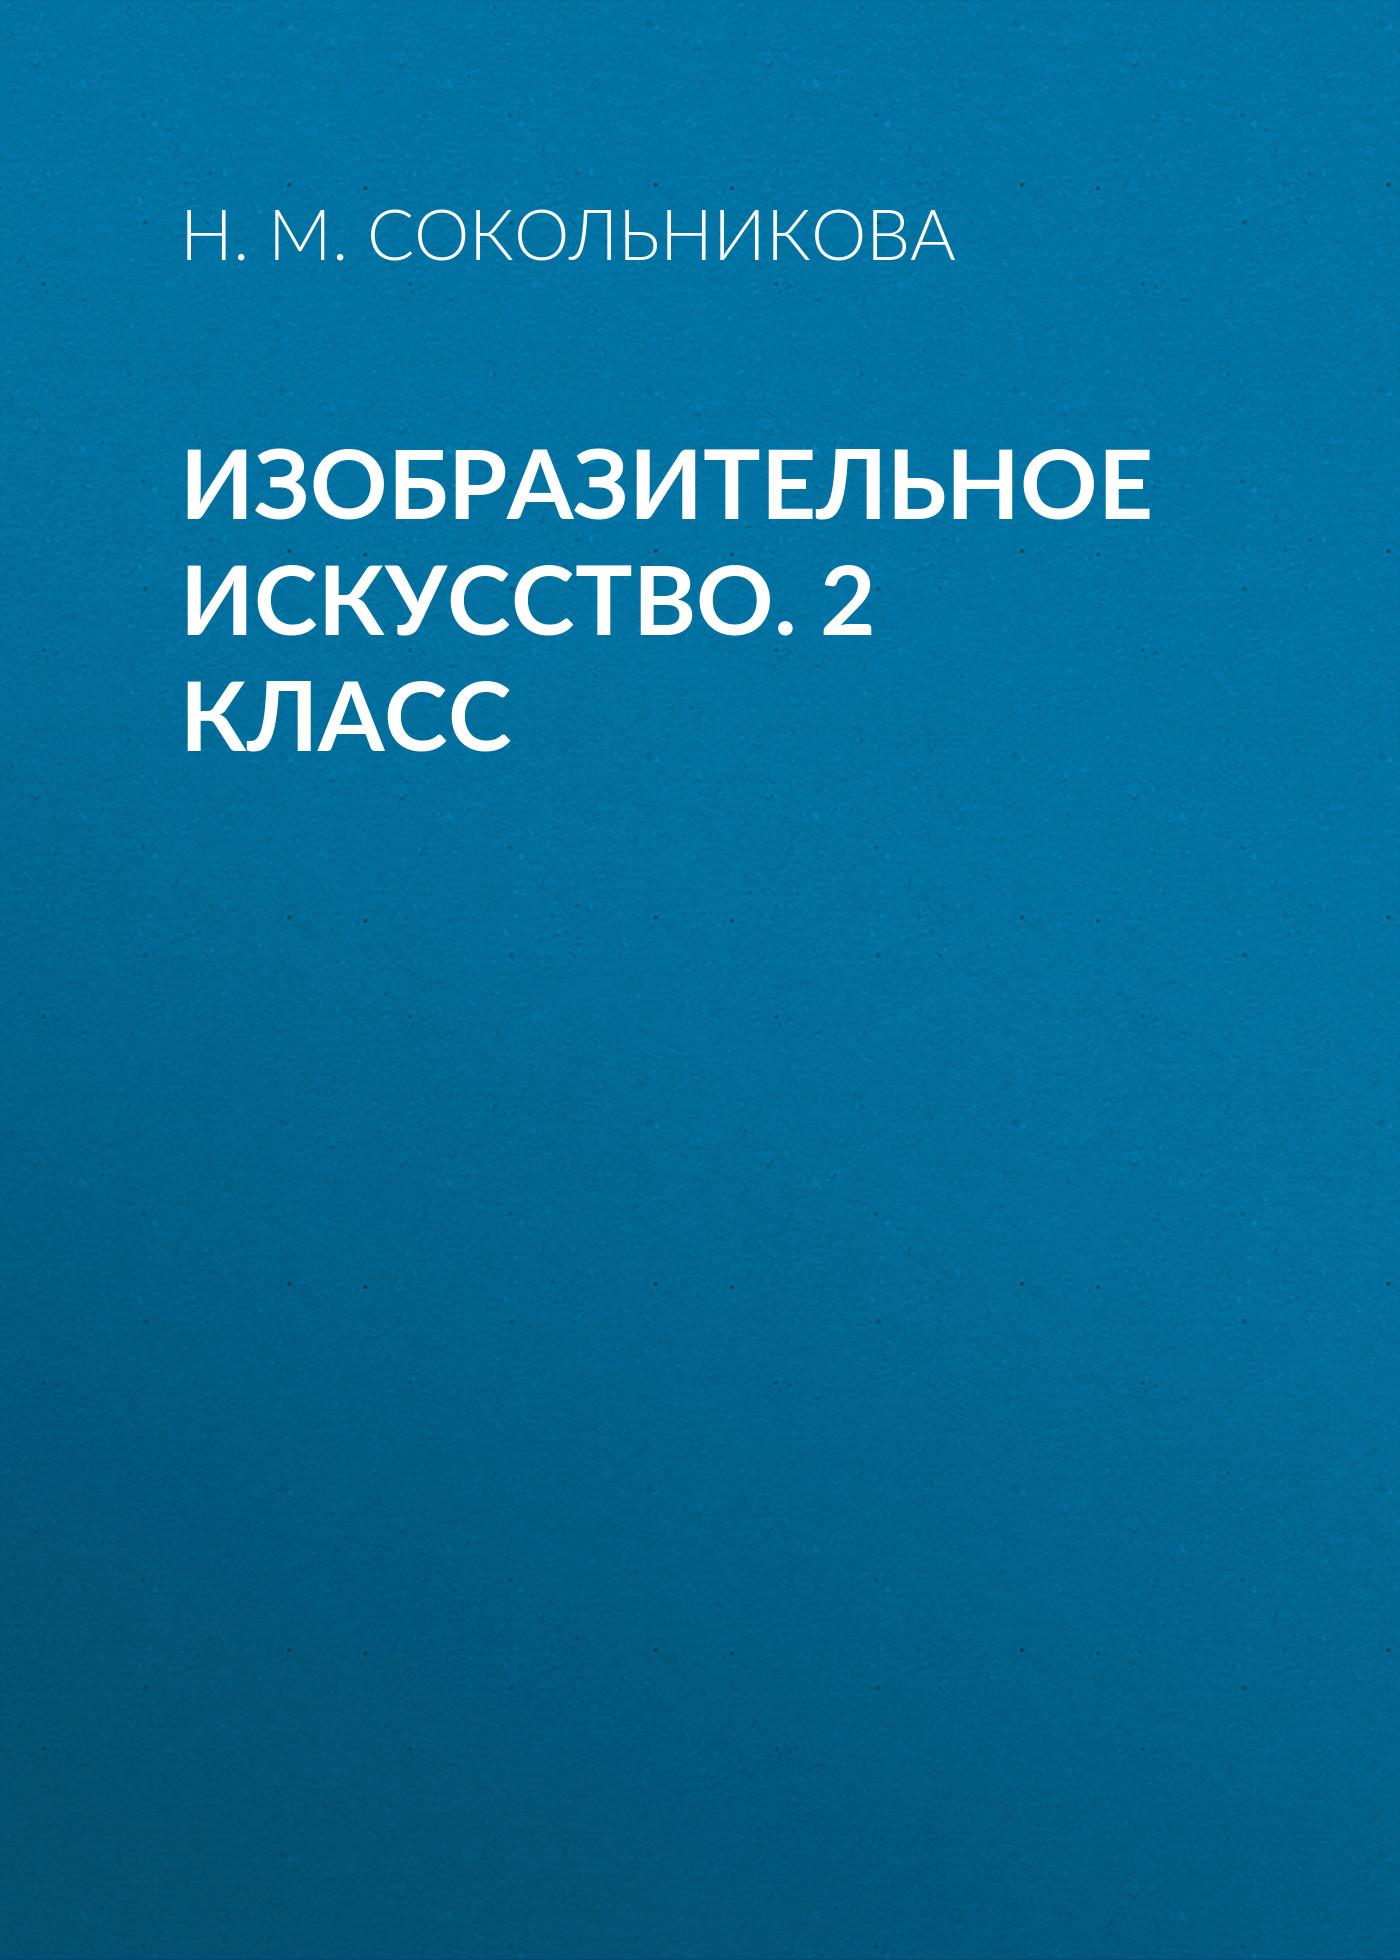 Фото - Н. М. Сокольникова Изобразительное искусство. 2 класс сокольникова н м изобразительное искусство 2 класс рабочий альбом